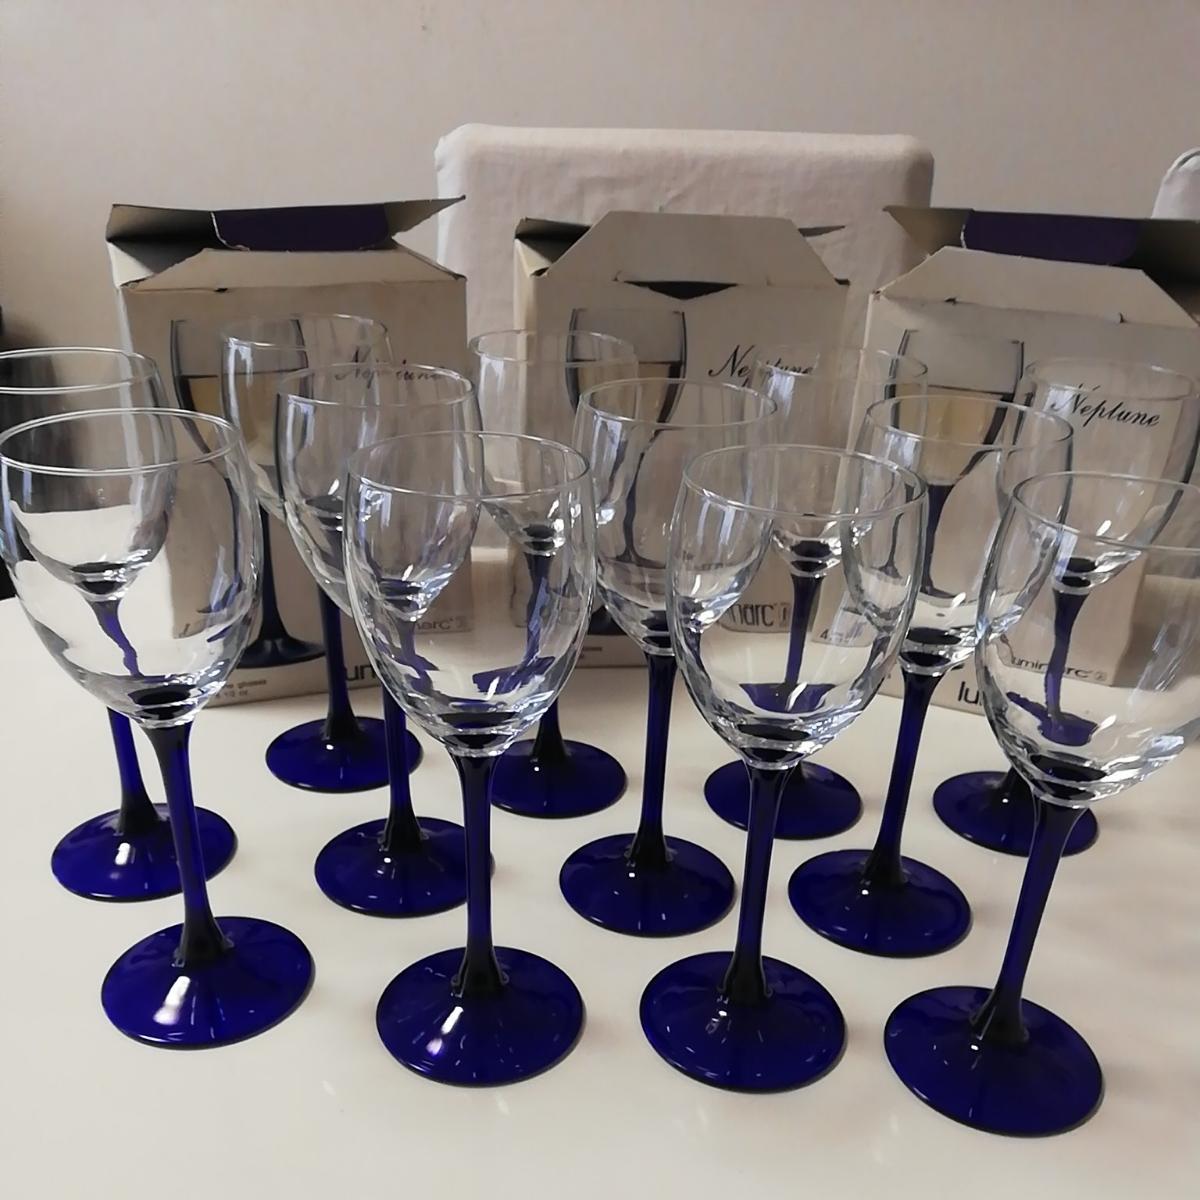 ●新品 ワイングラス ブルー フランス製 リュミナルク グラス 12客 luminarc 店舗お店飲食店に FRANCE 足付脚付 ゴブレット●大量セット